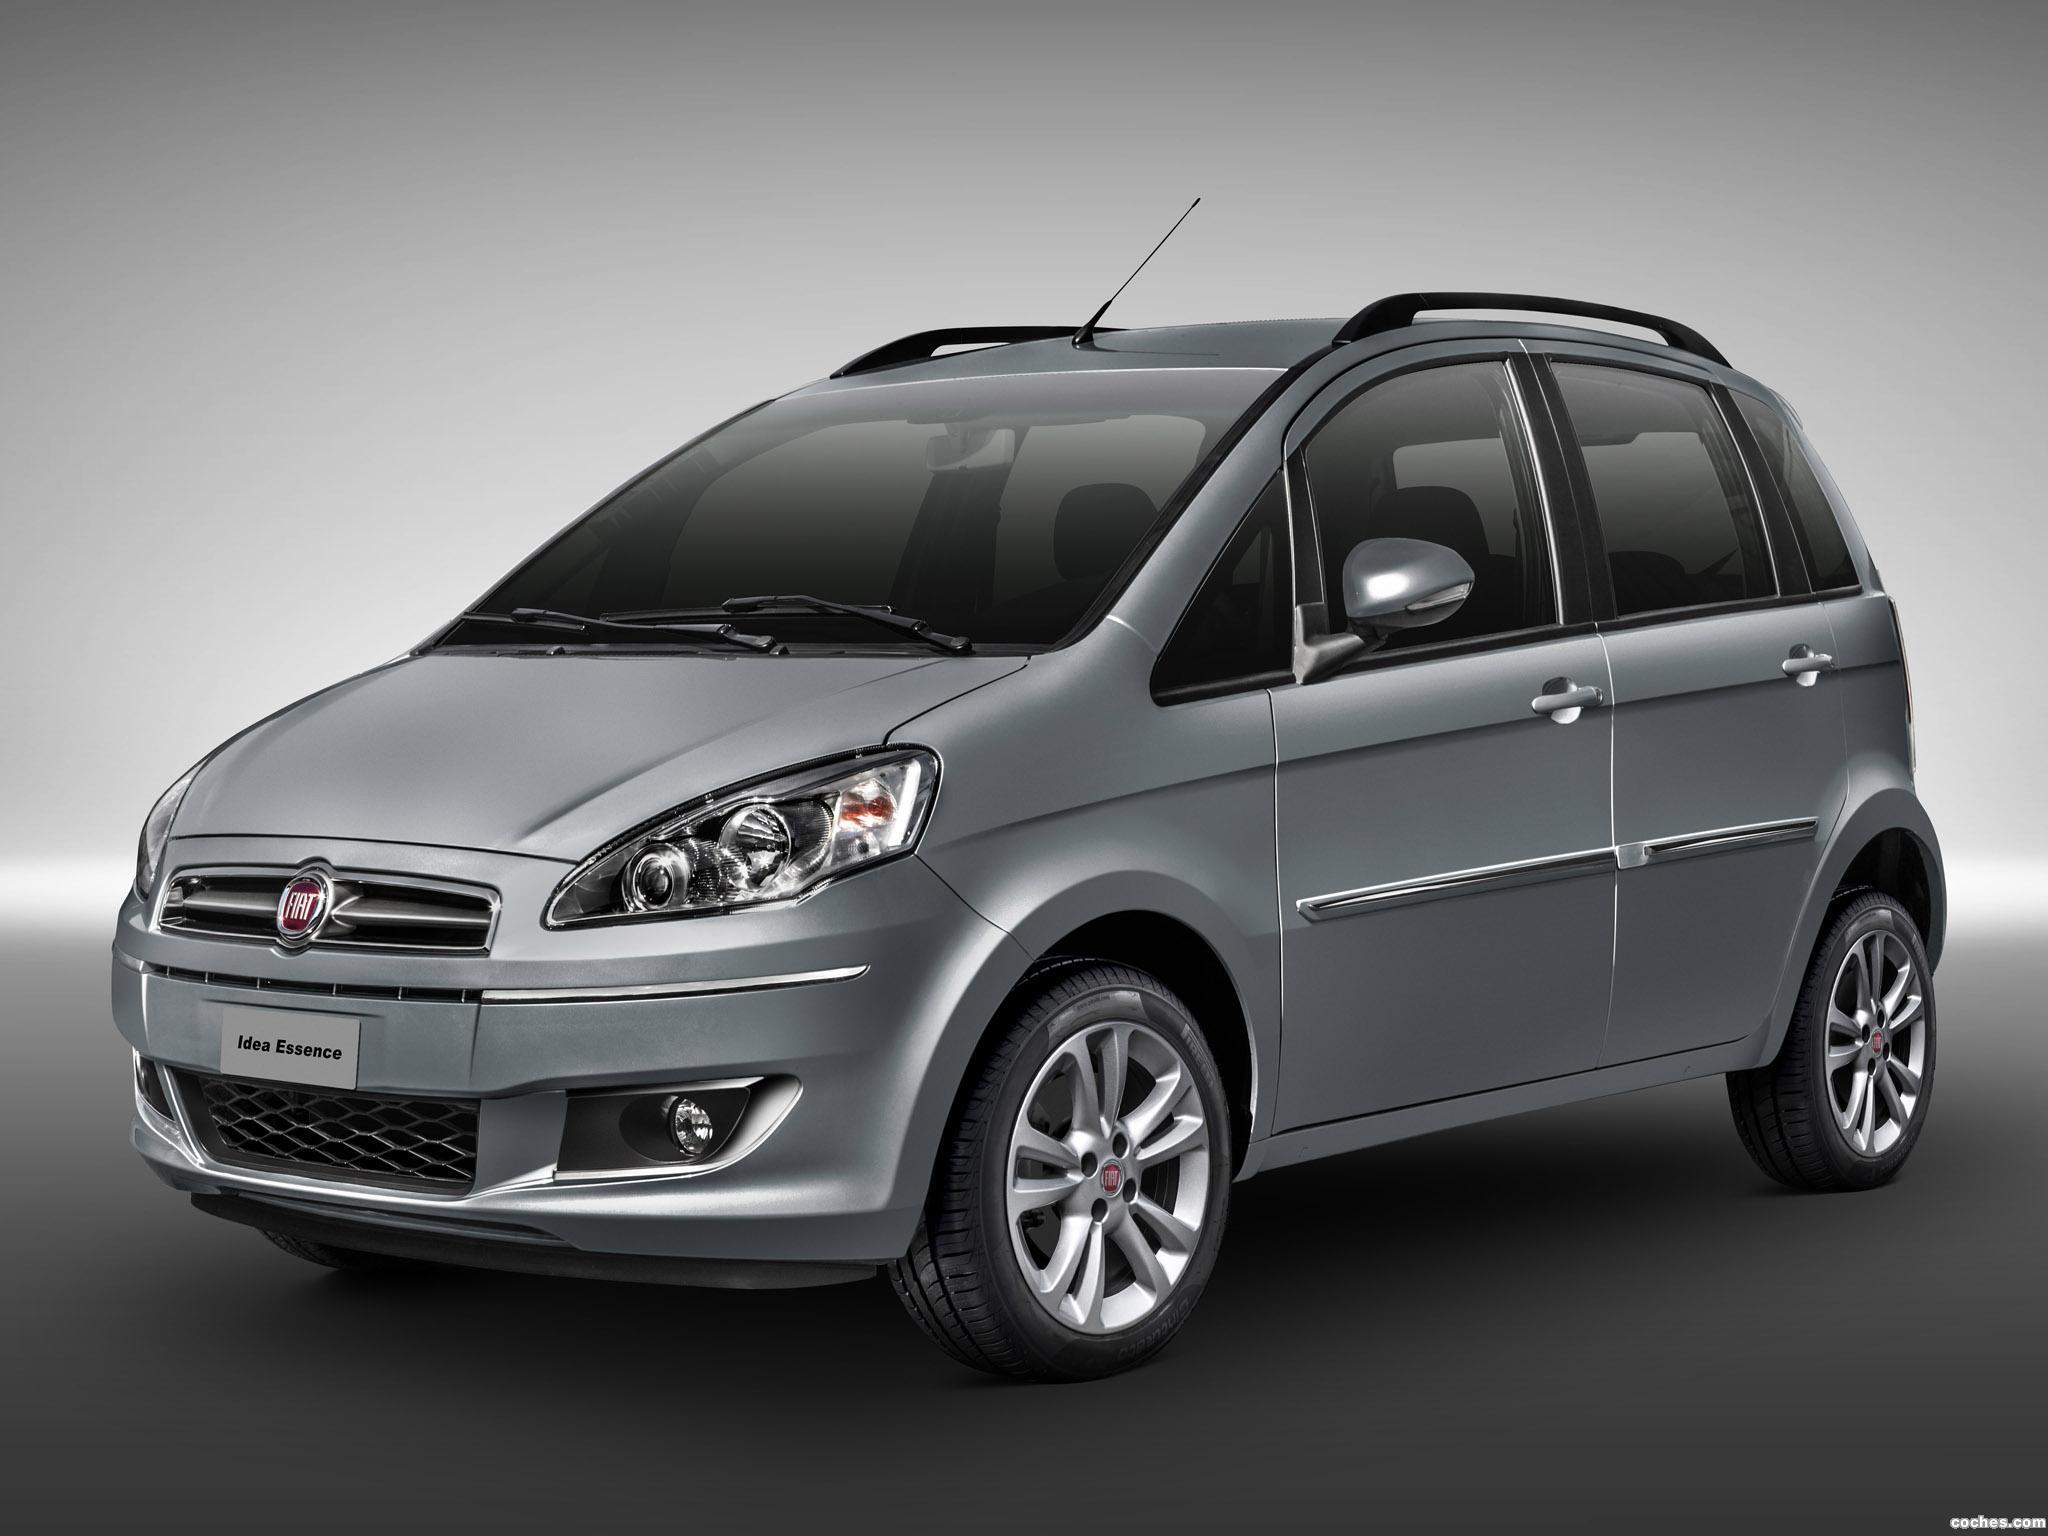 Foto 0 de Fiat Idea Essence 350 2013